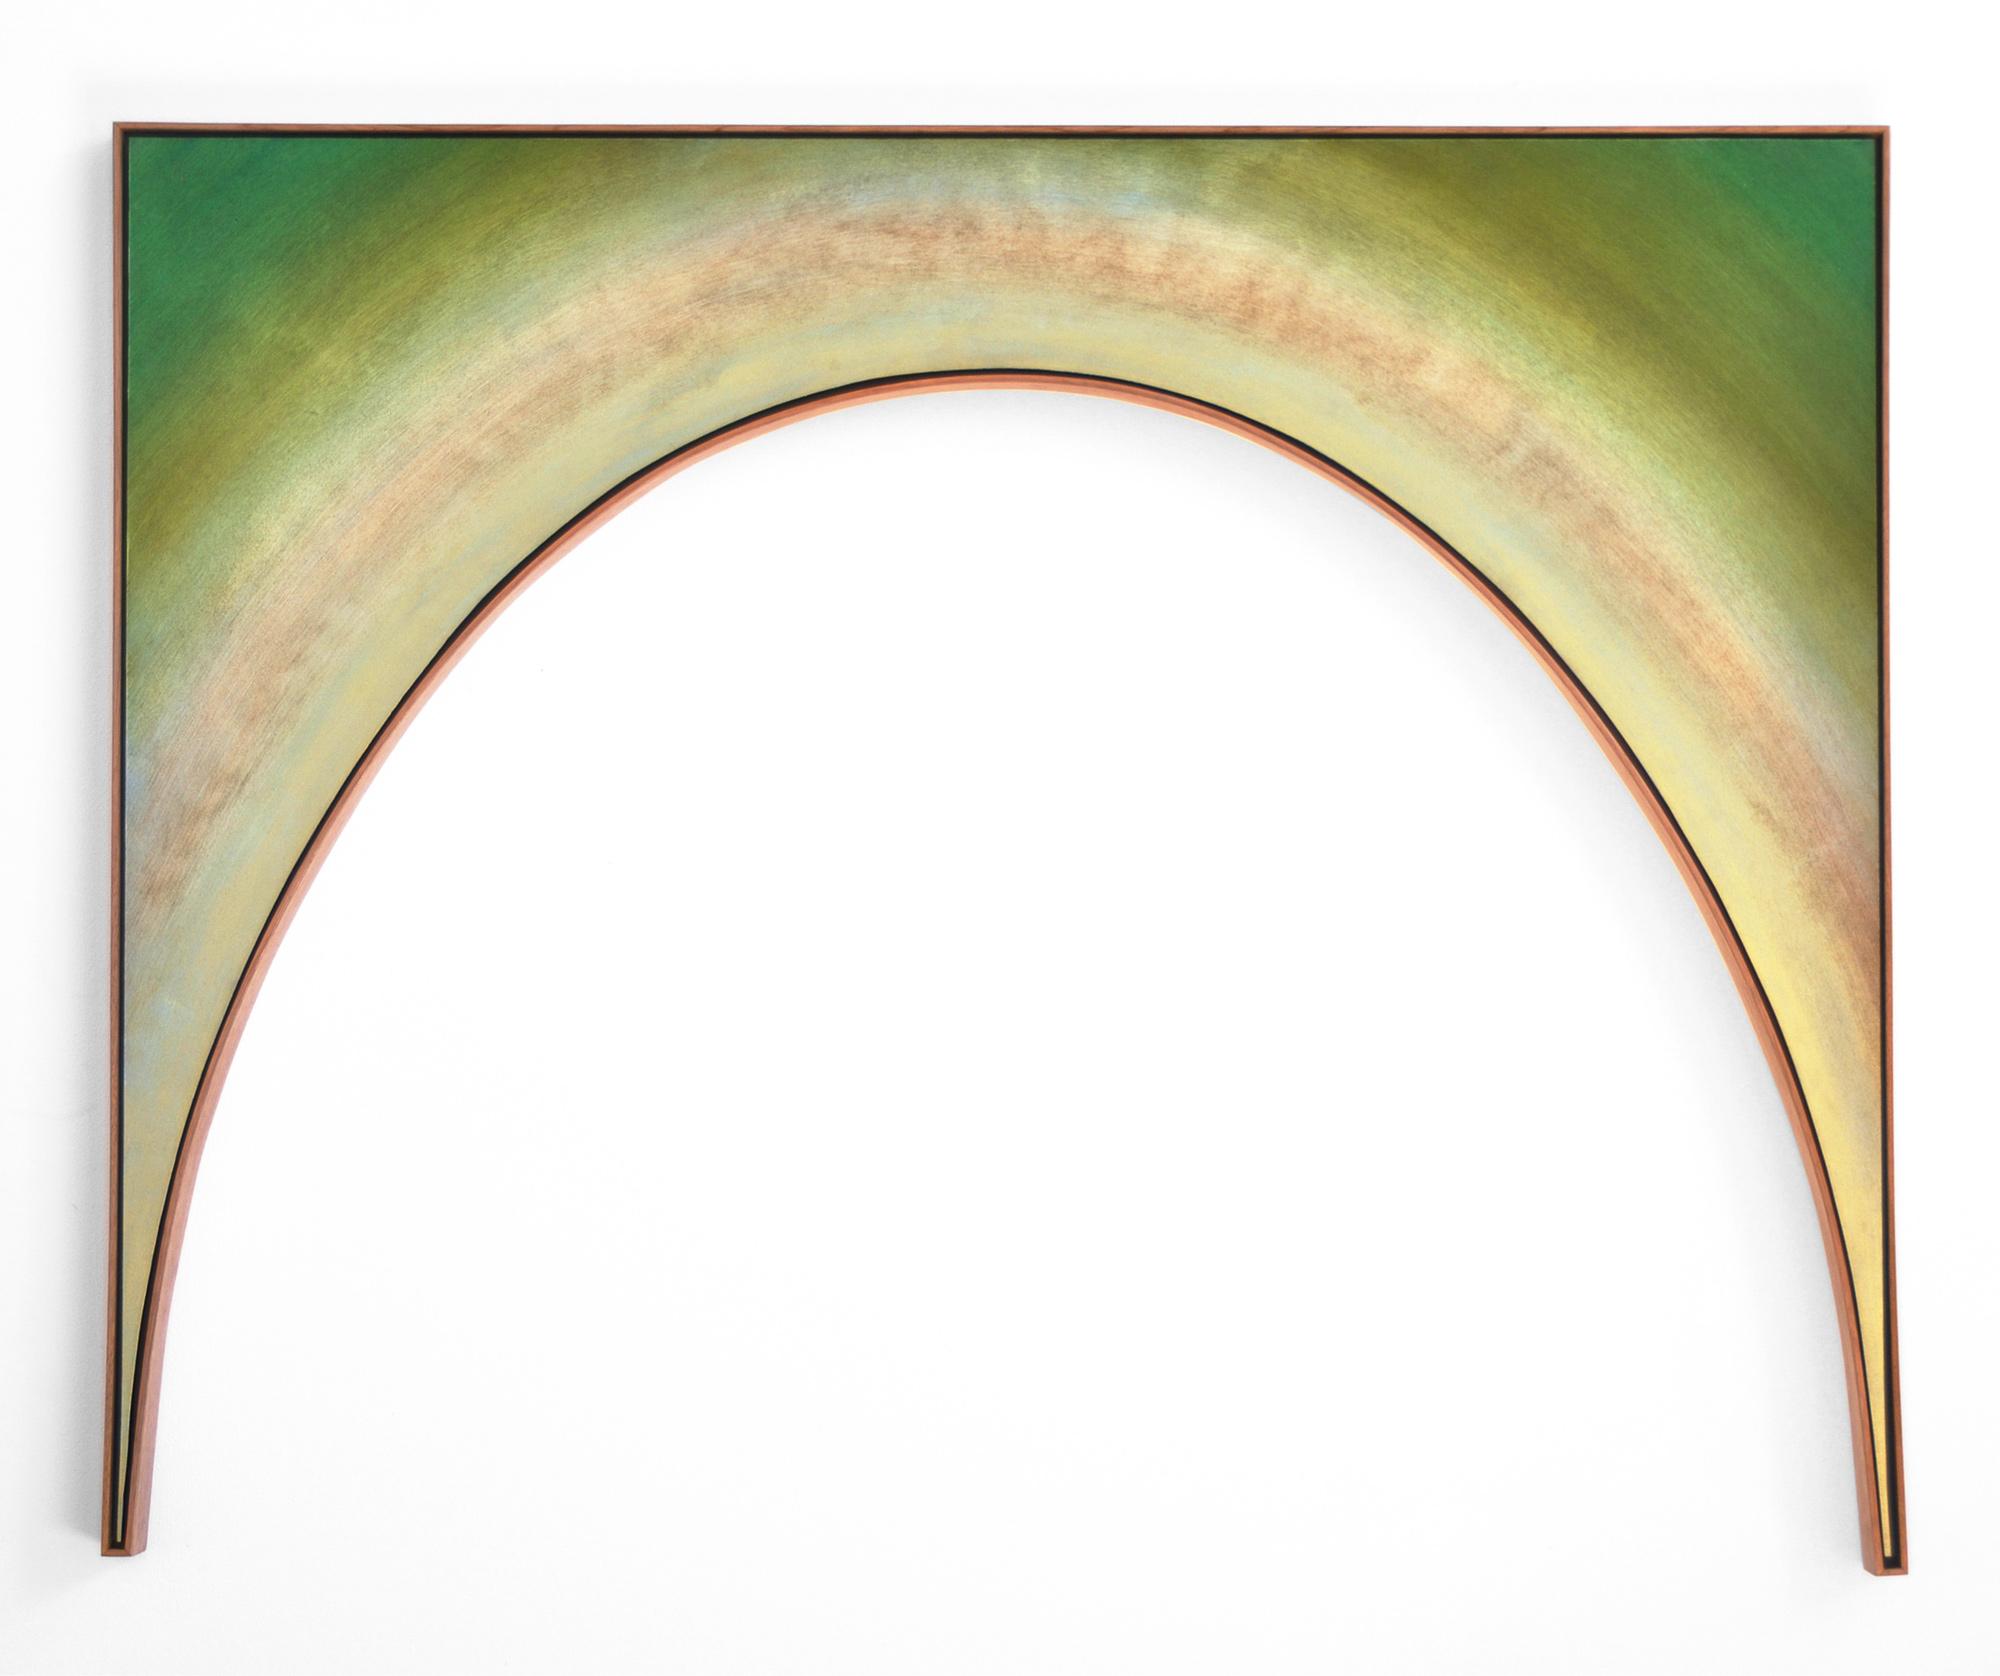 BELEM LETT  Tunnel Vision 1  2015 oil, luminescent pigment, on aluminium composite panel 120 × 100 cm